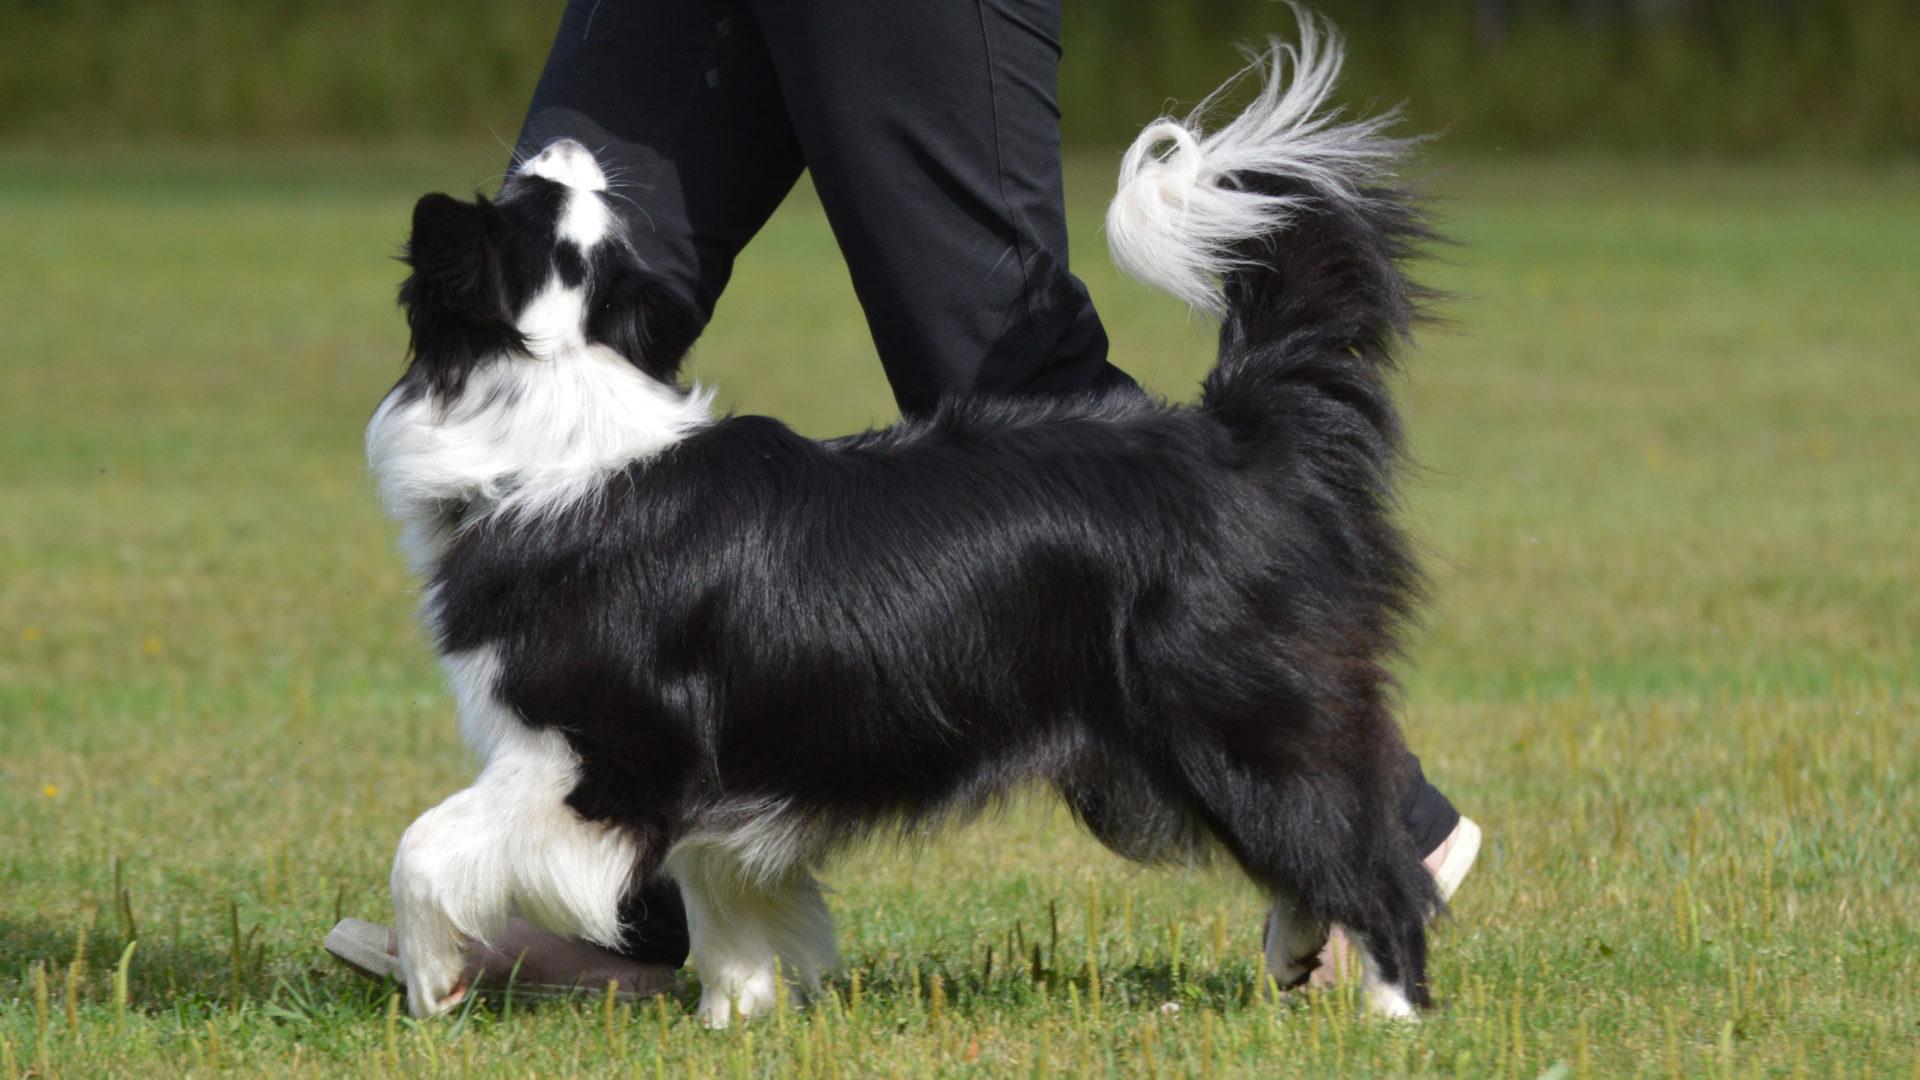 Sari Paavilainen on koirakouluttajaohjaaja